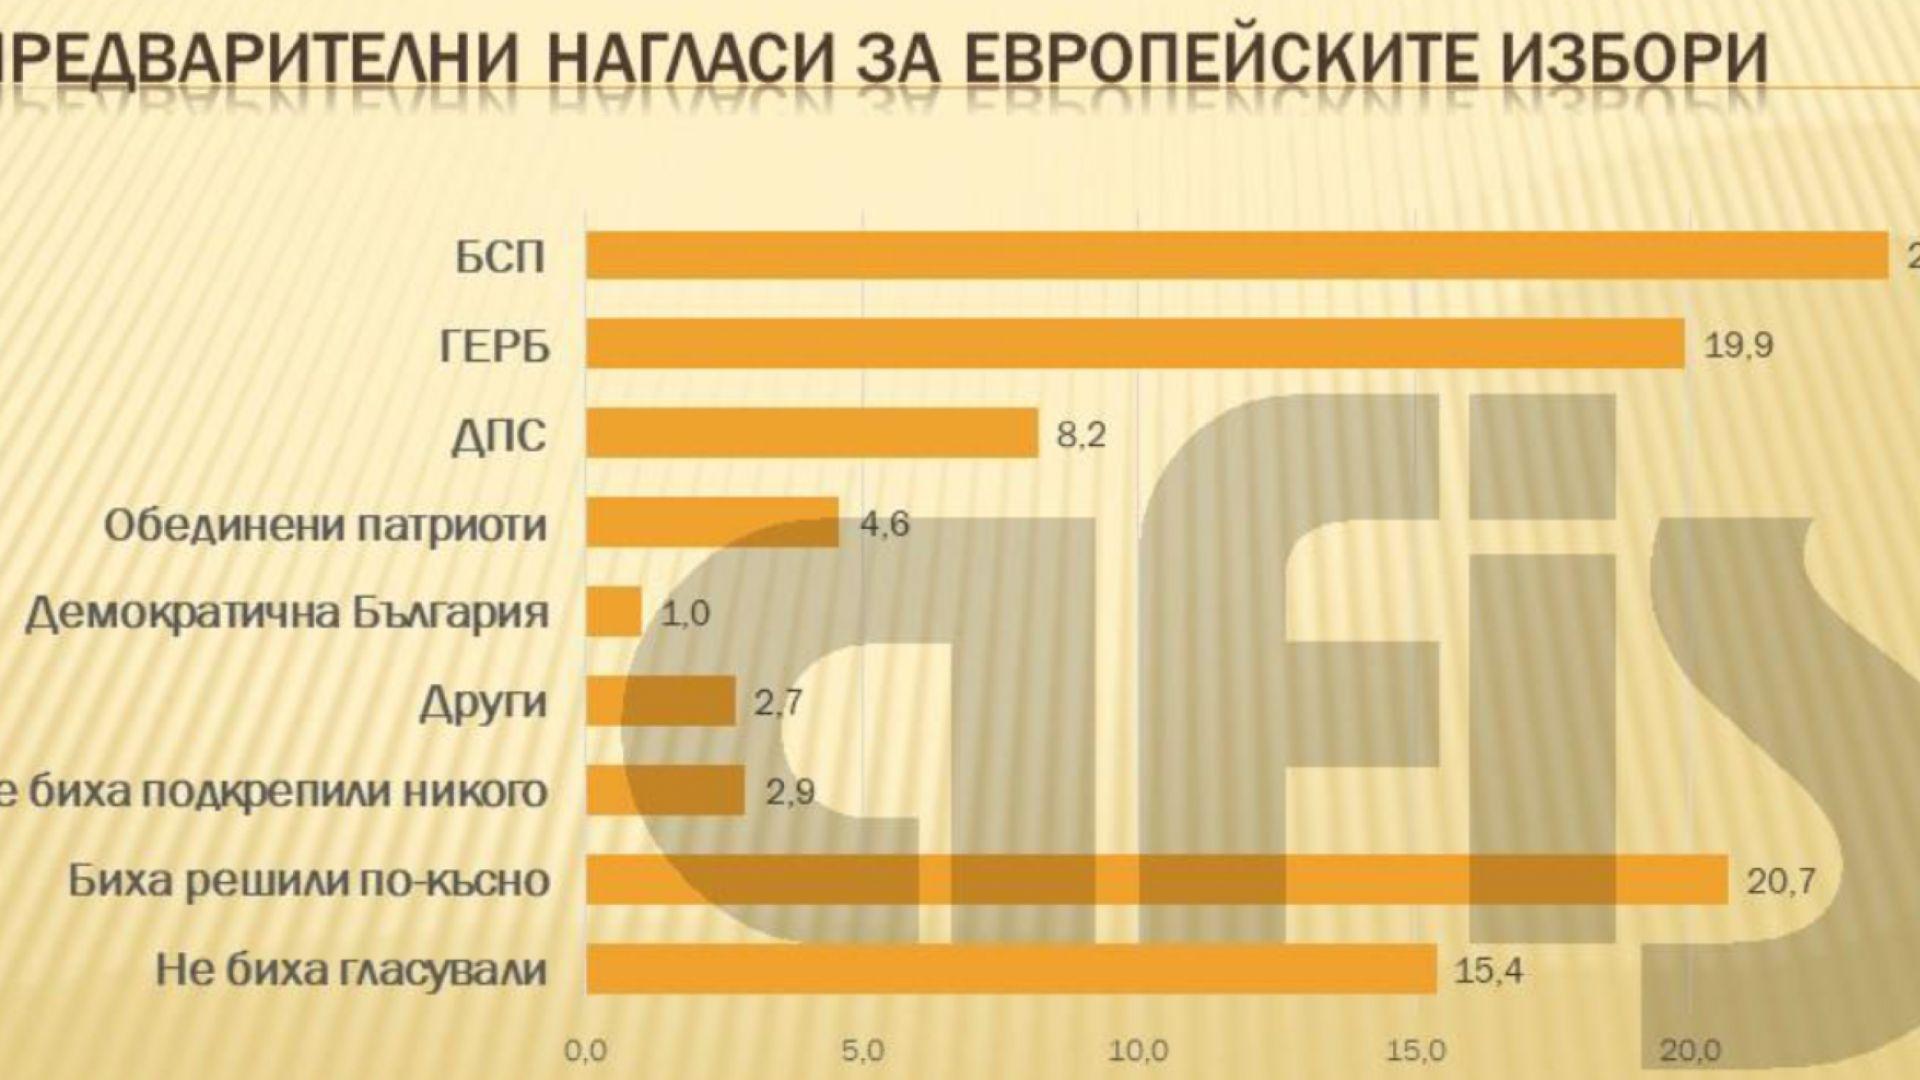 АФИС: БСП с най-големи шансове за Европарламента, само ГЕРБ и ДПС са сигурни след нея